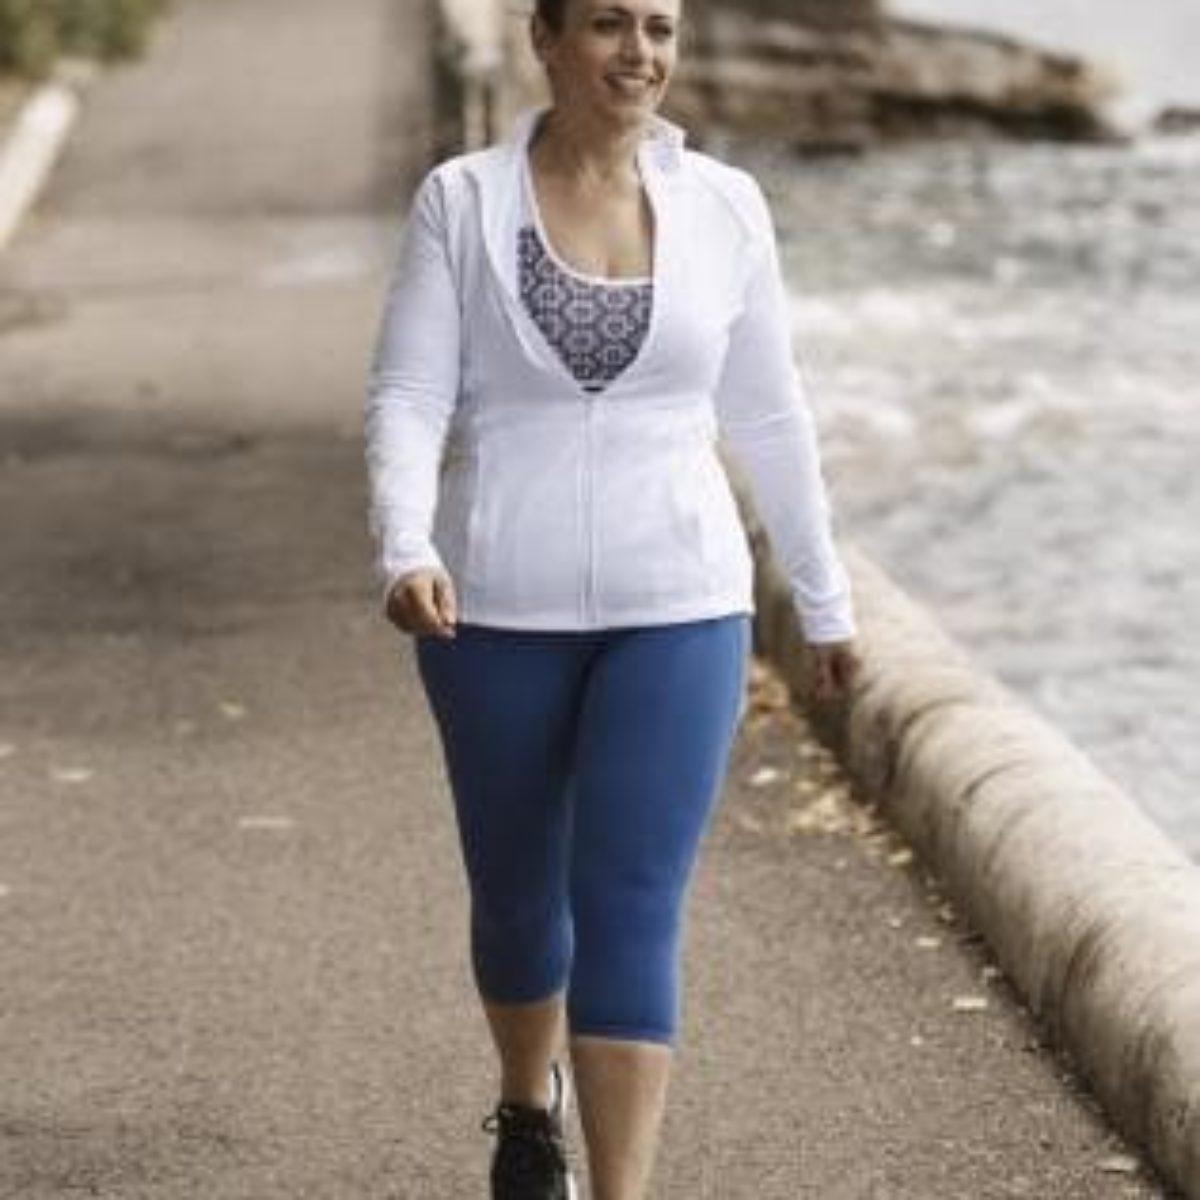 come hai perso il peso dopo la gravidanza